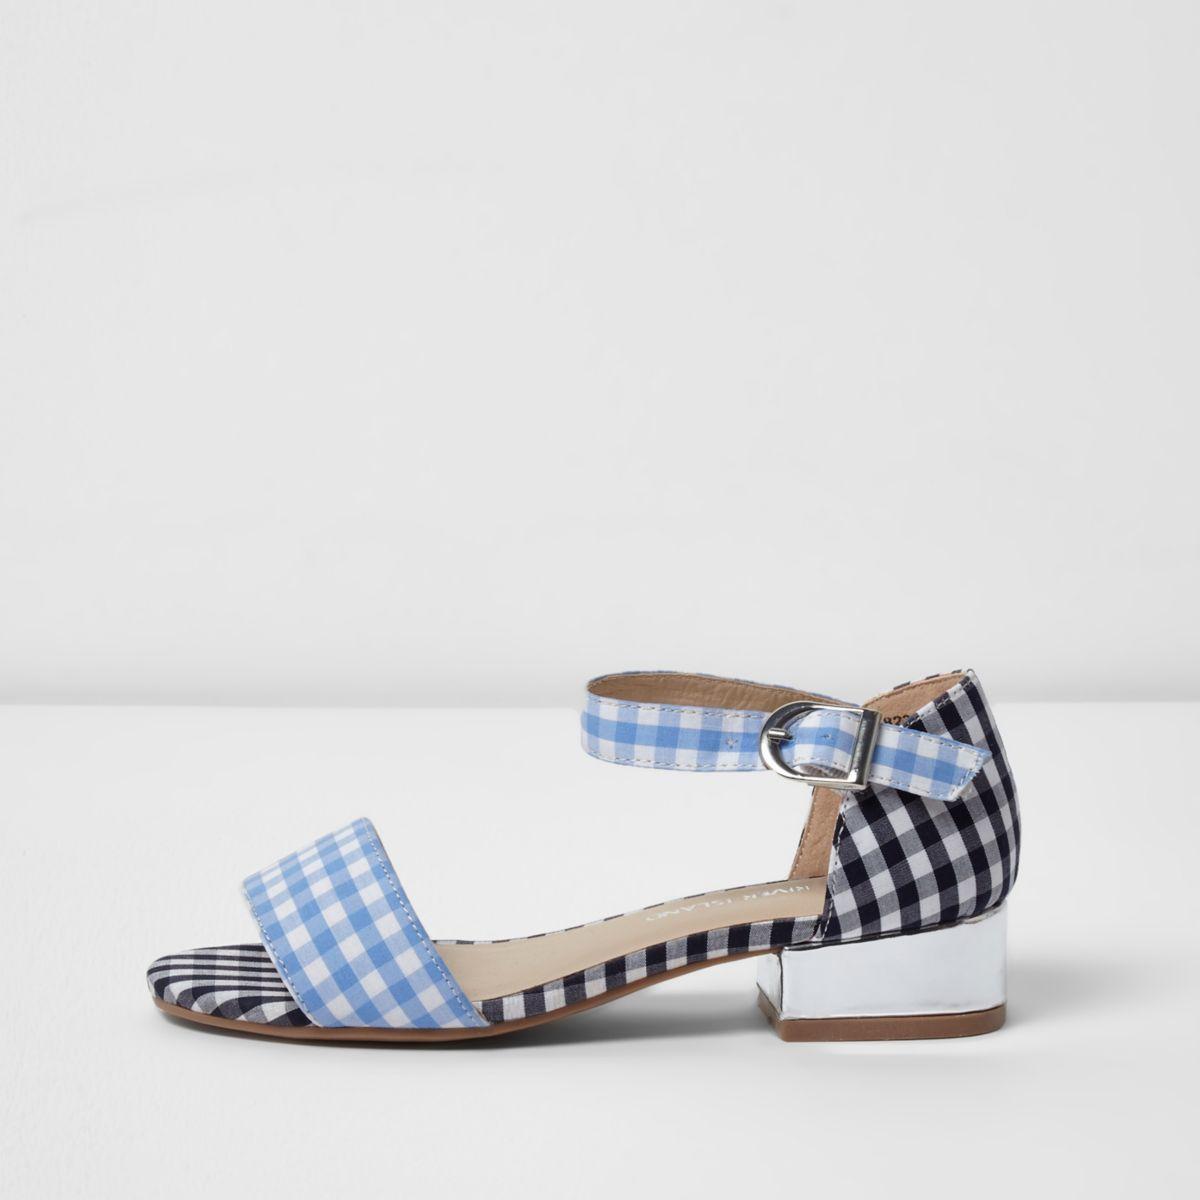 Blaue Sandalen mit Karos